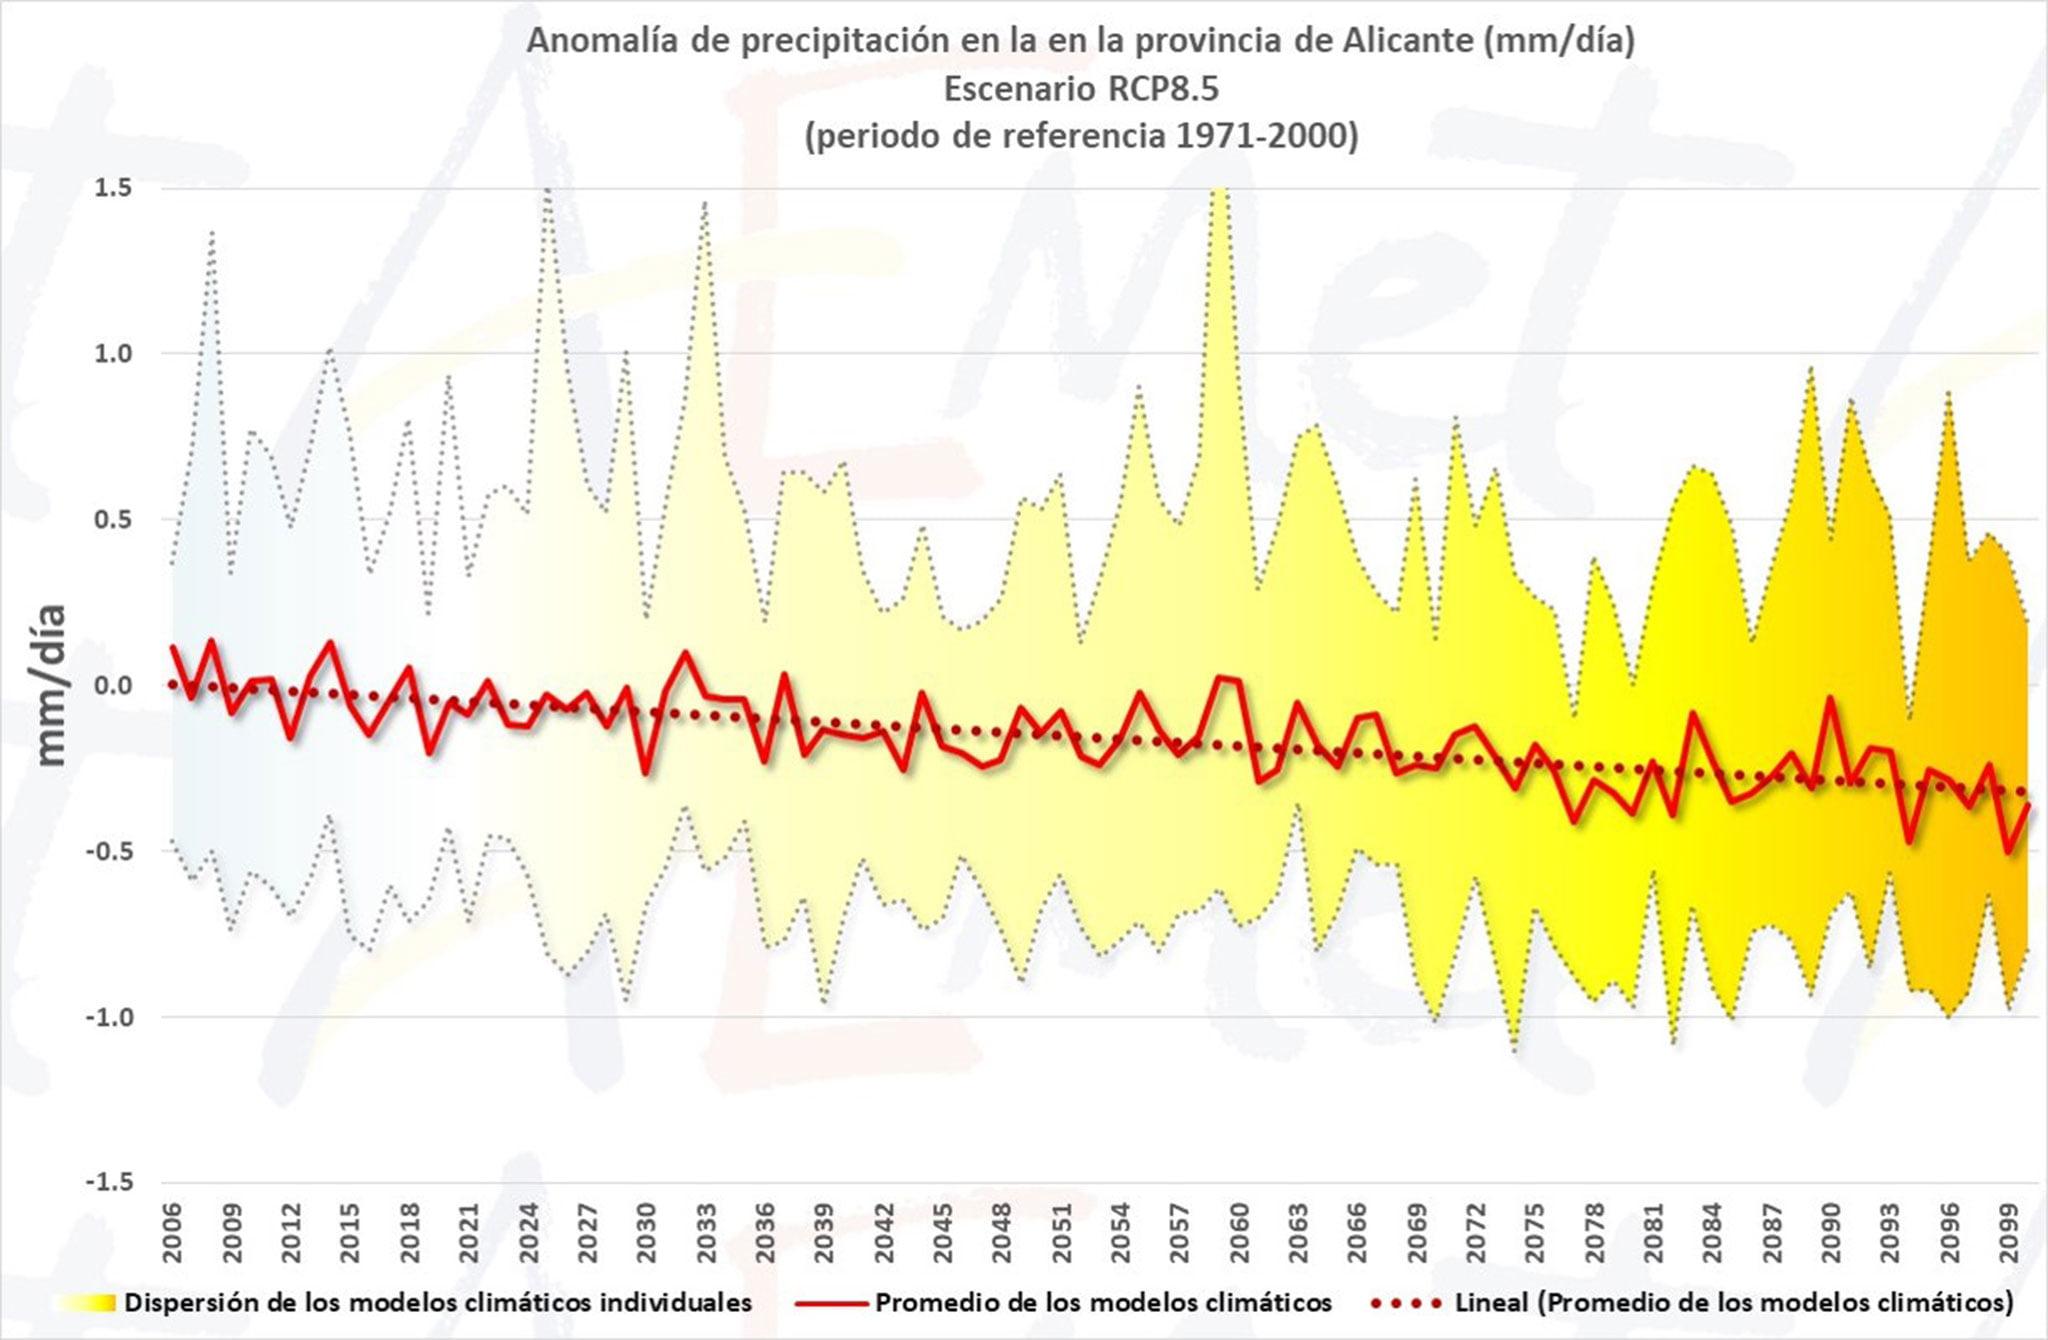 Tendencia de precipitaciones prevista para este siglo en la provincia de Alicante, según AEMET